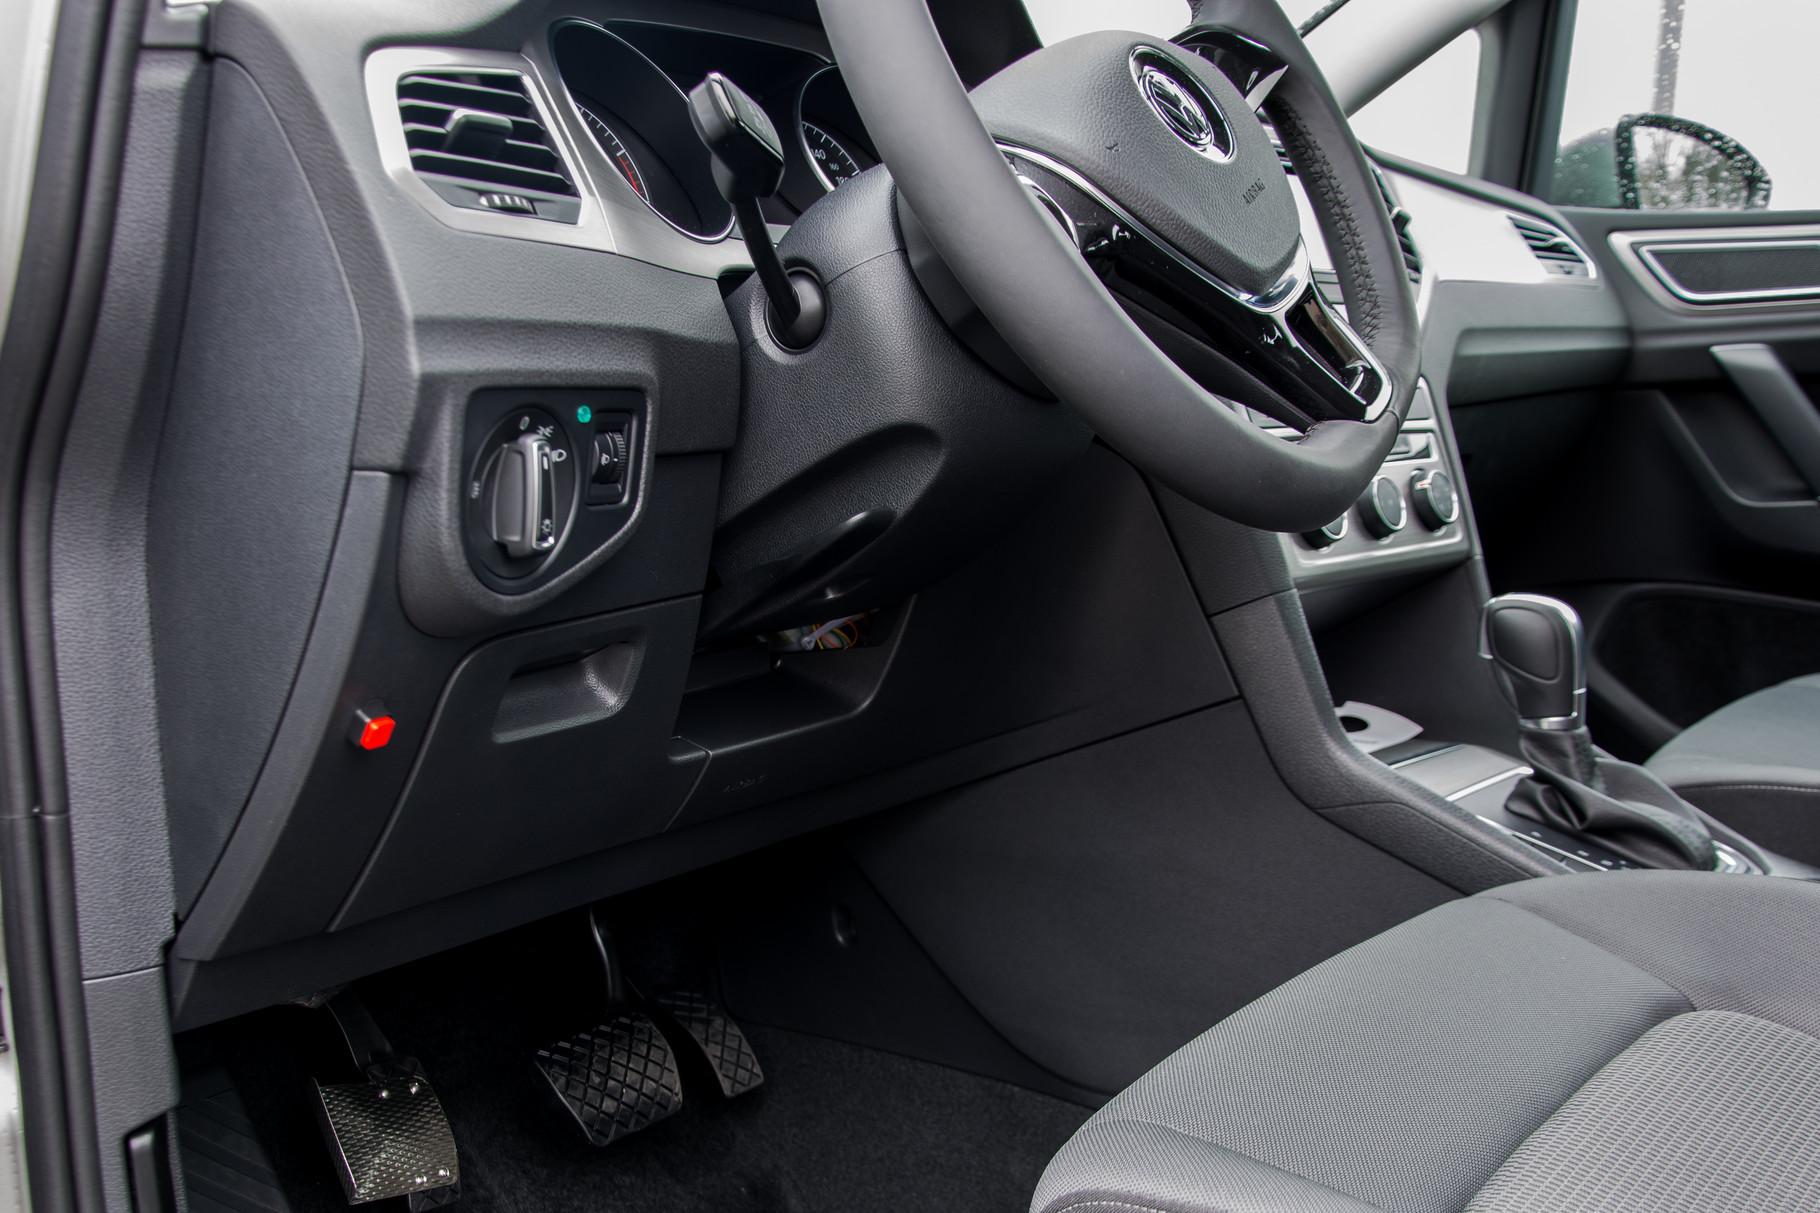 Volkswagen Golf Sportsvan Linksgasumbau. Elektronische Freigabe für das linke Pedal. Beim Start ist automatisch aus Sicherheitsgründen das rechte Pedal aktiv.